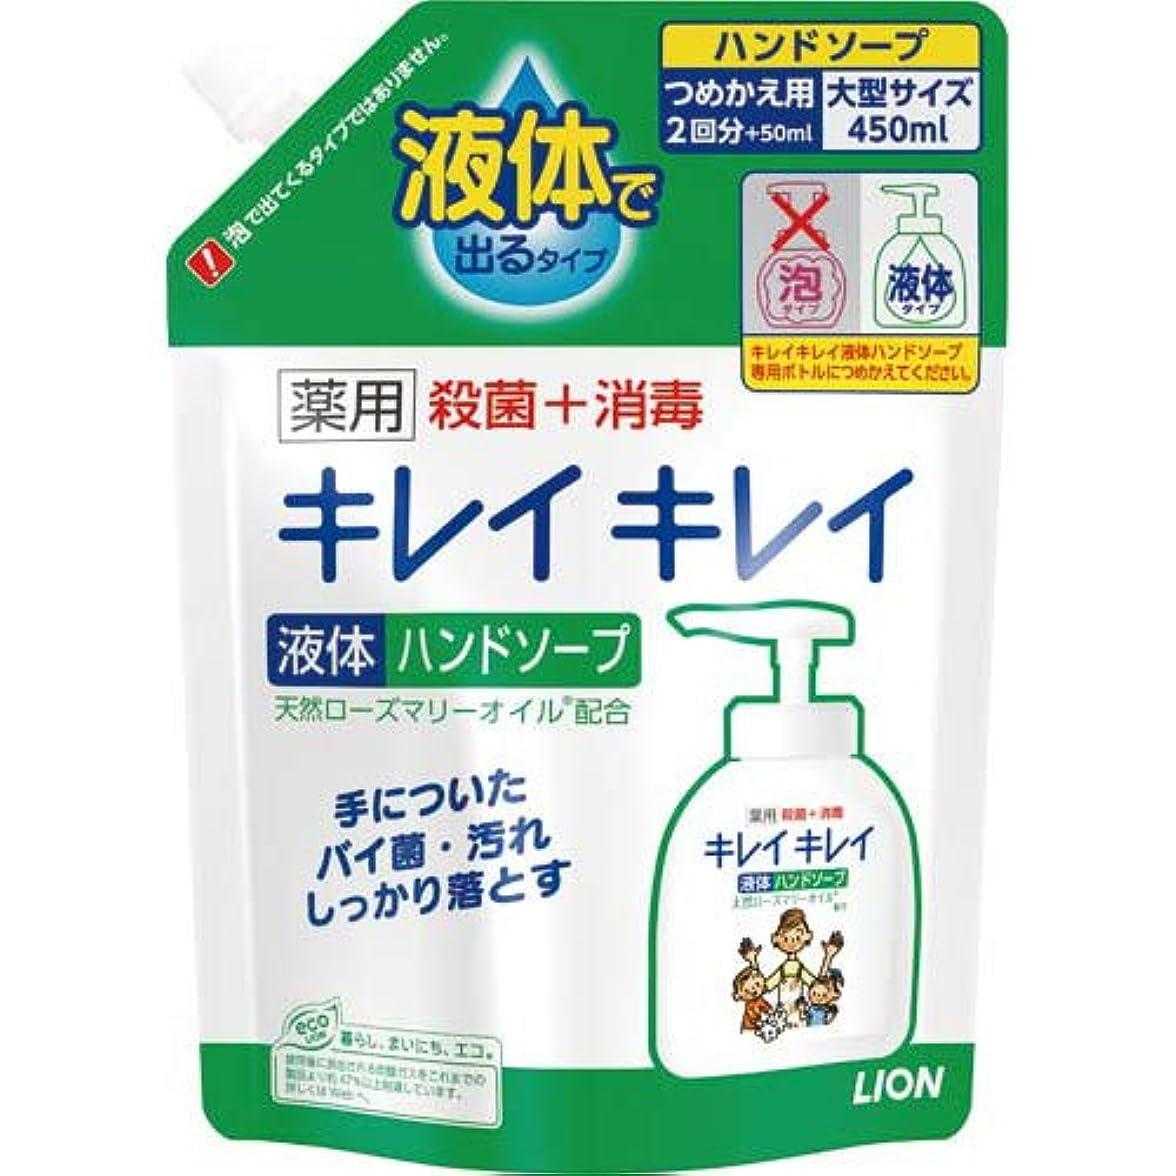 きしむメーター忍耐ライオン キレイキレイ薬用ハンドソープ 詰替用450ml×4